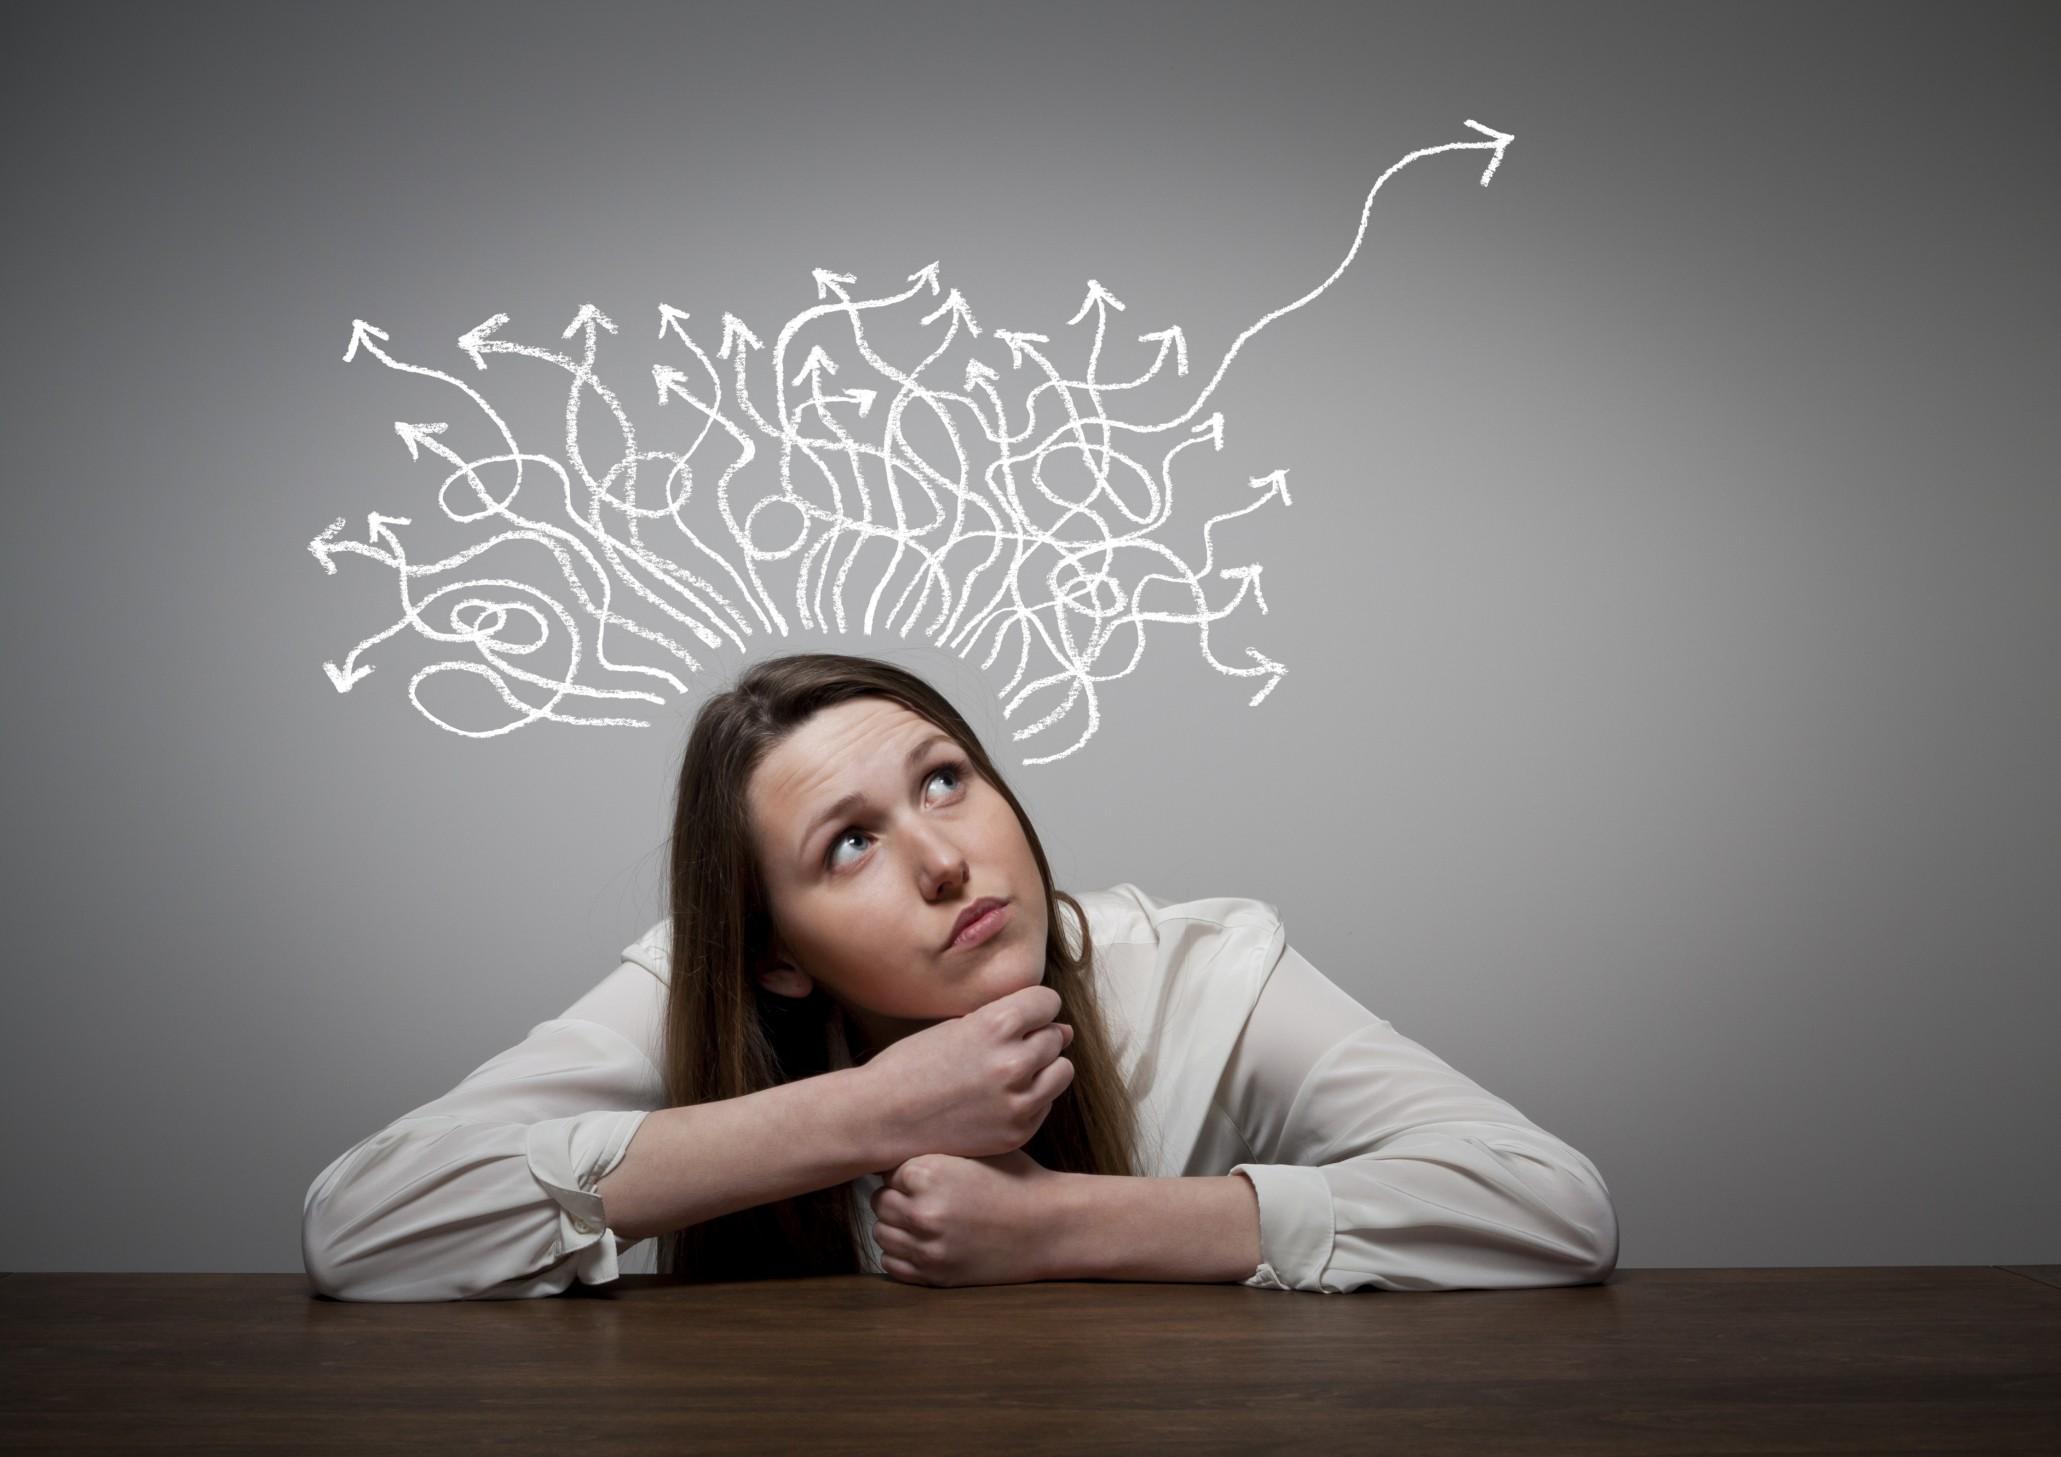 Картинки психологического состояния